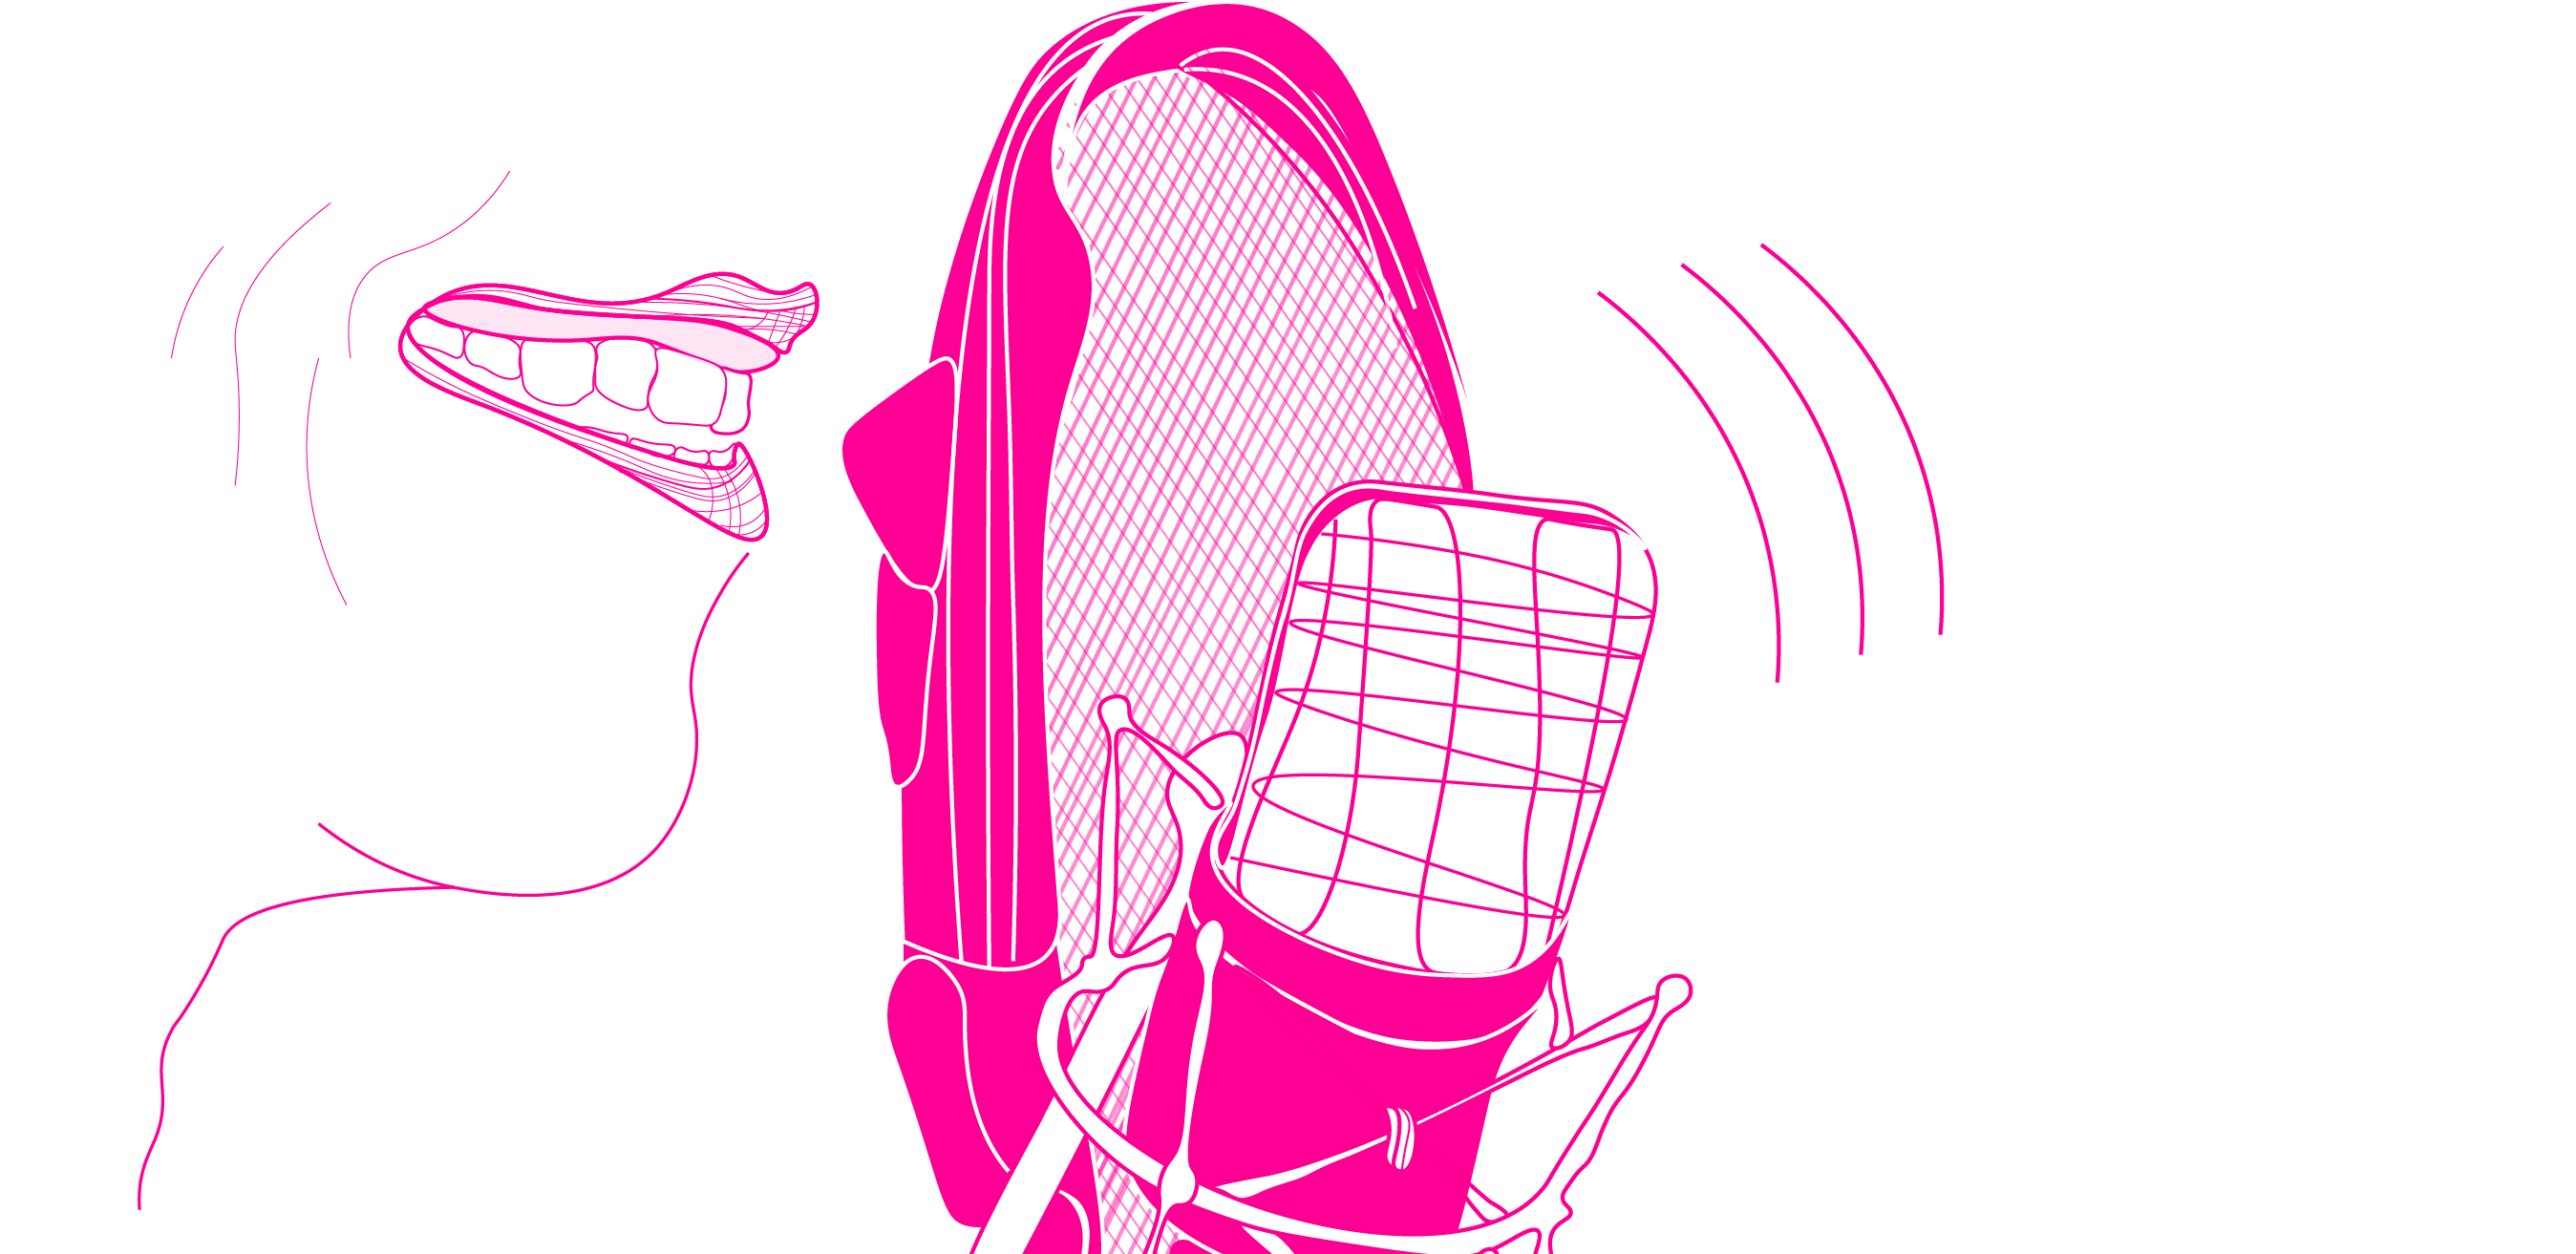 Comédien Podcast Voix Off Studios VOA